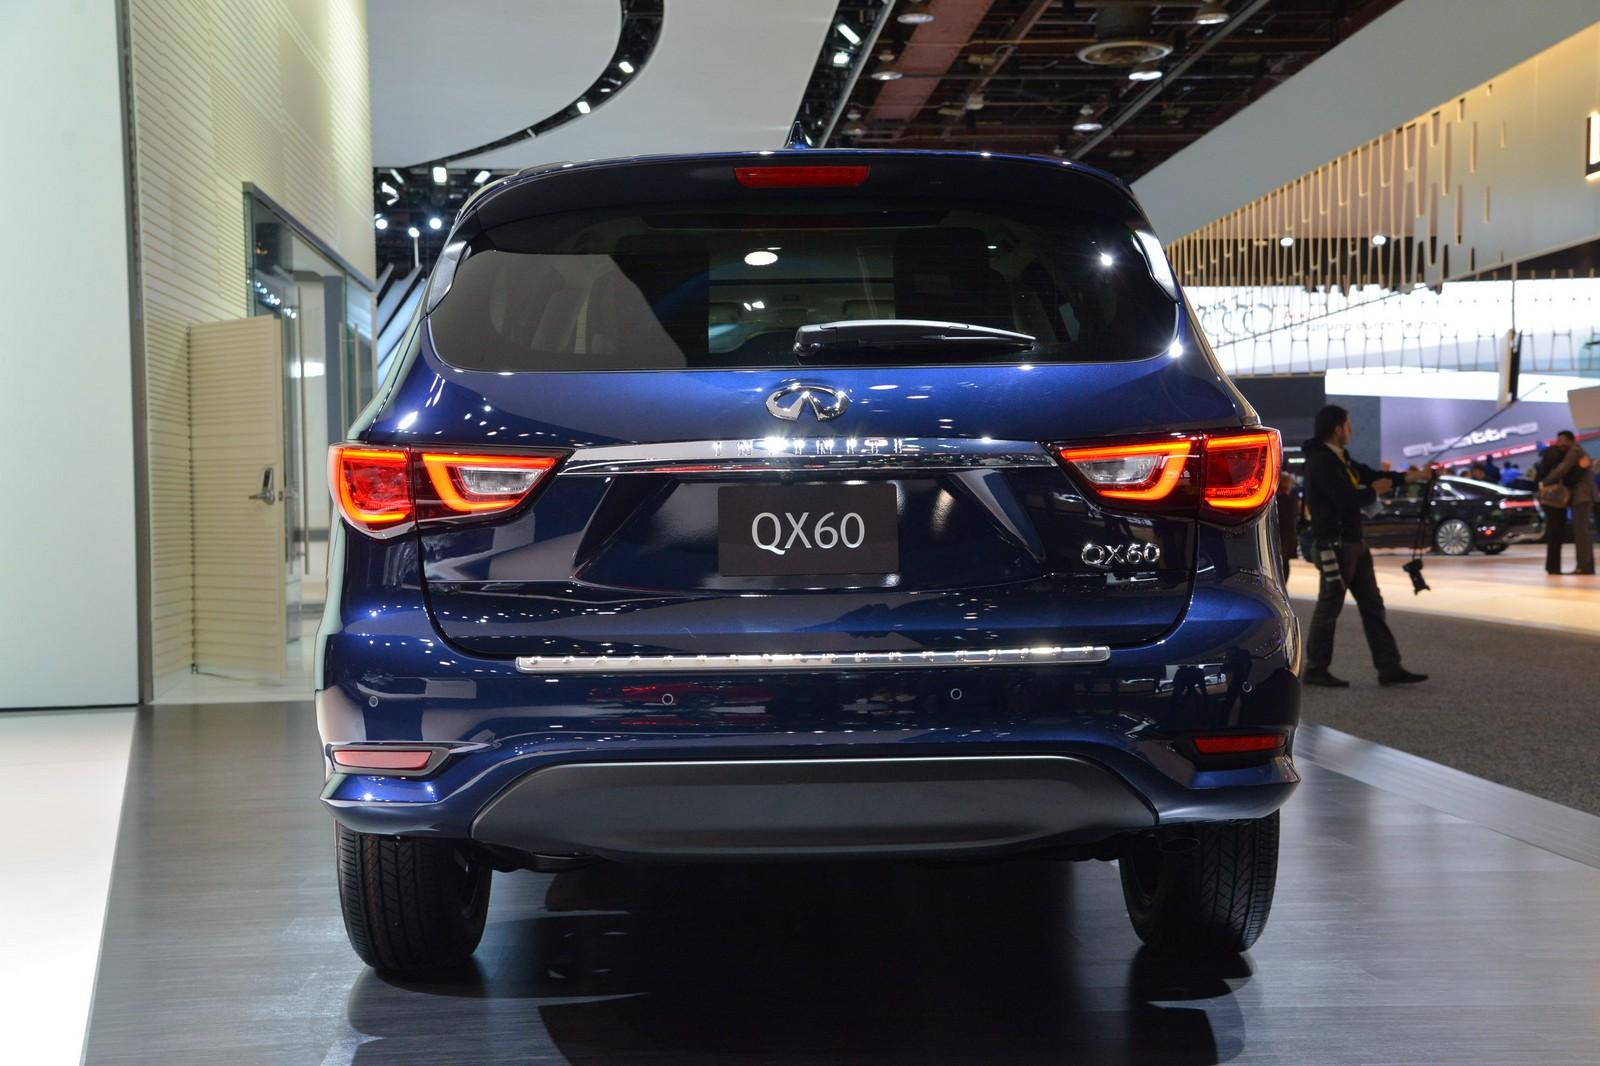 قوة المحرك والاداء للسيارة أسعار السيارة إنفينيتي QX60 موديل 2017 الجديدة